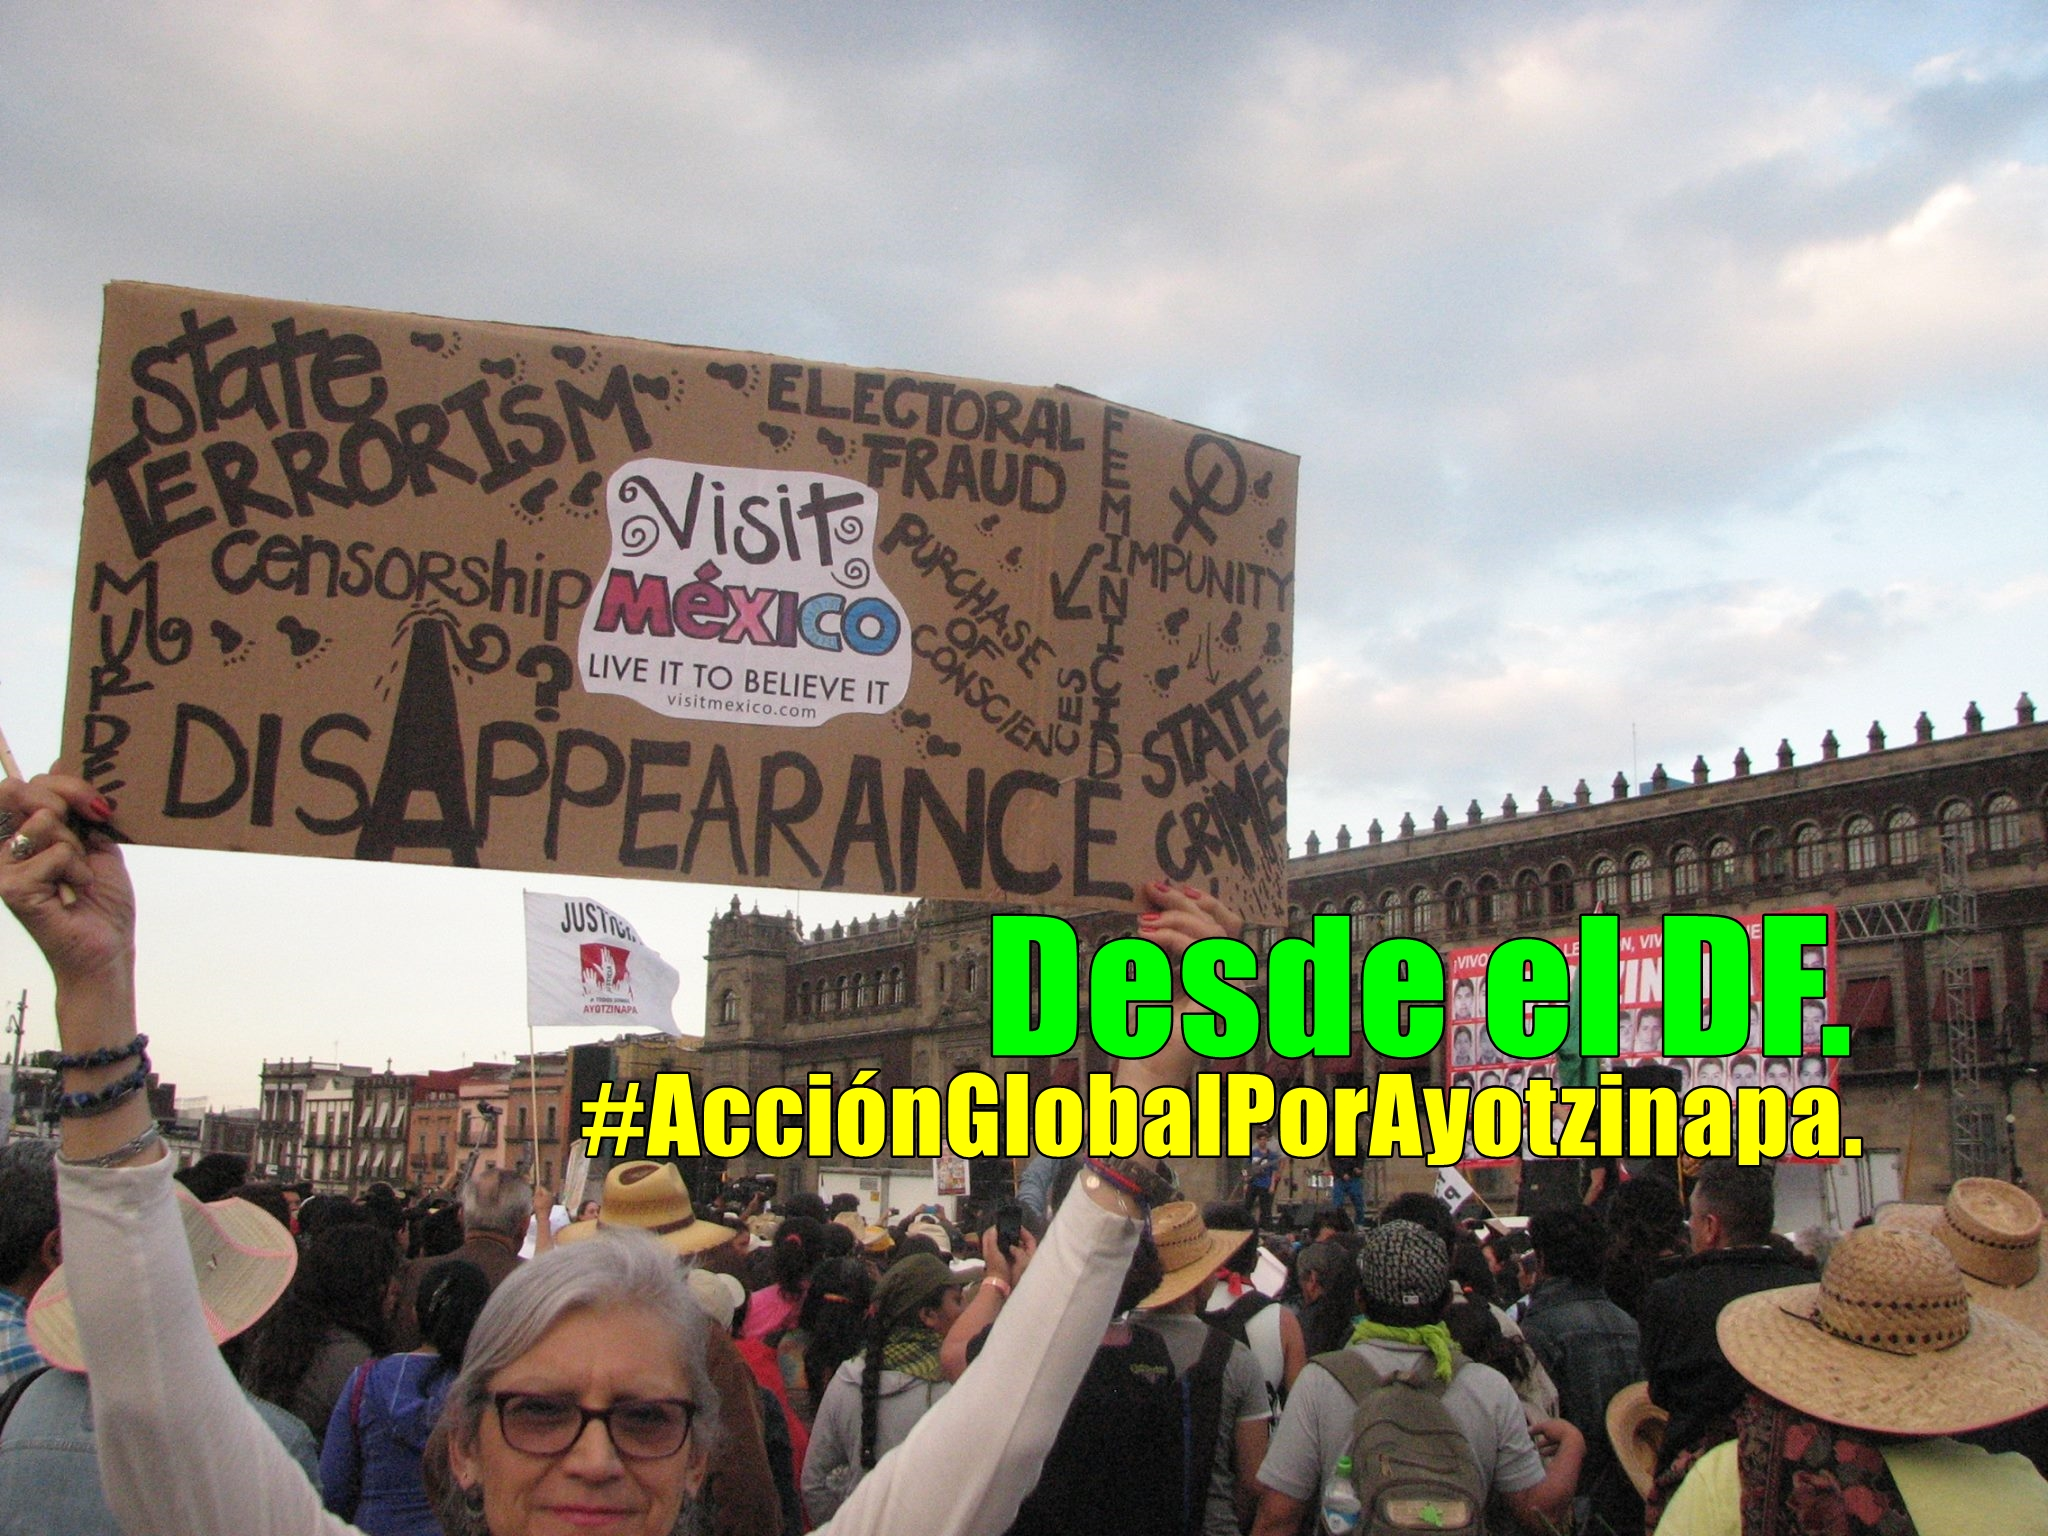 #AcciónGlobalPorAyotzinapa en Calzada de Tlalpan, DF.